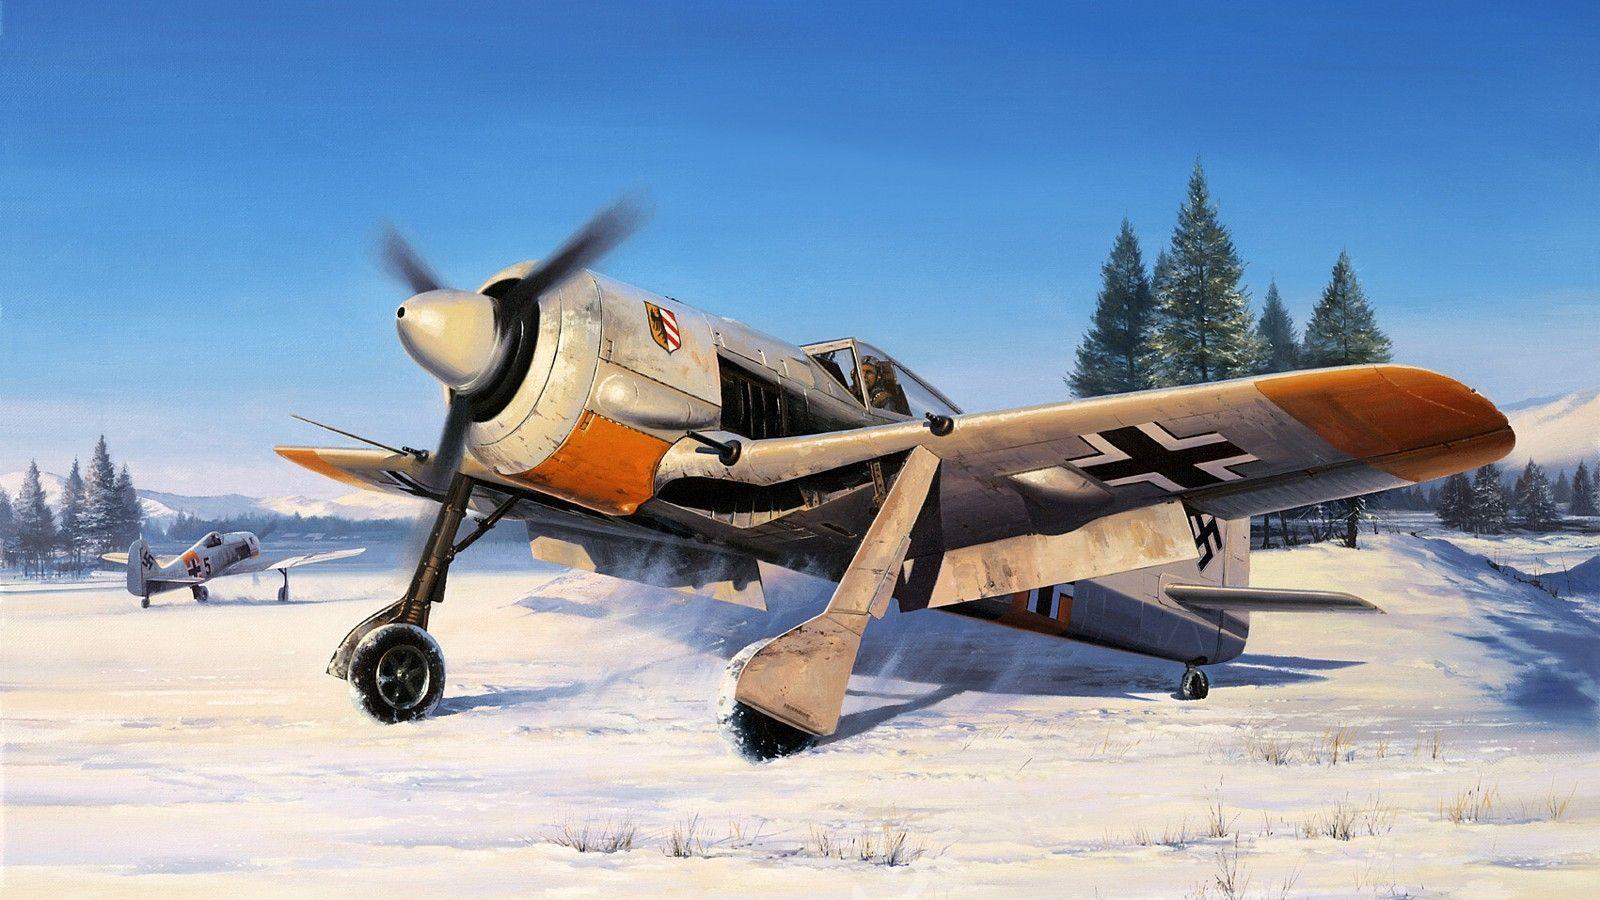 190 Vertical Wallpaper Hd: Focke-Wulf Fw 190 Wallpapers